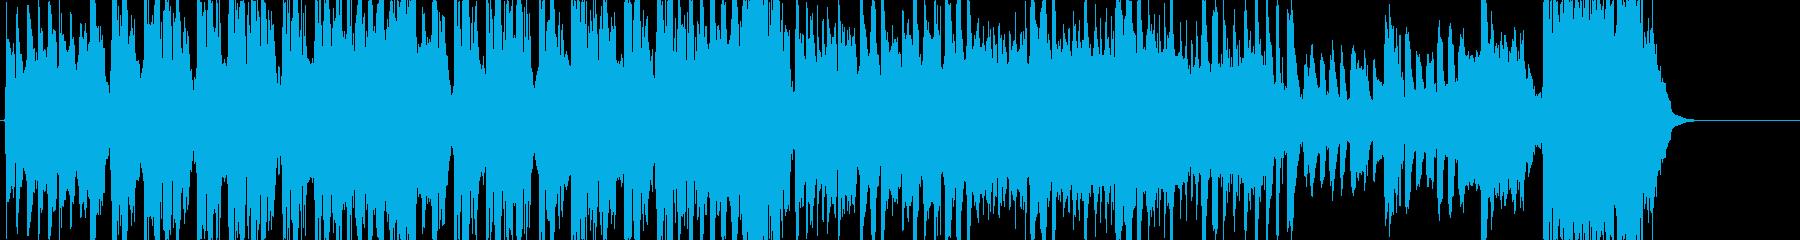 和風の勢いのあるイベントBGMの再生済みの波形